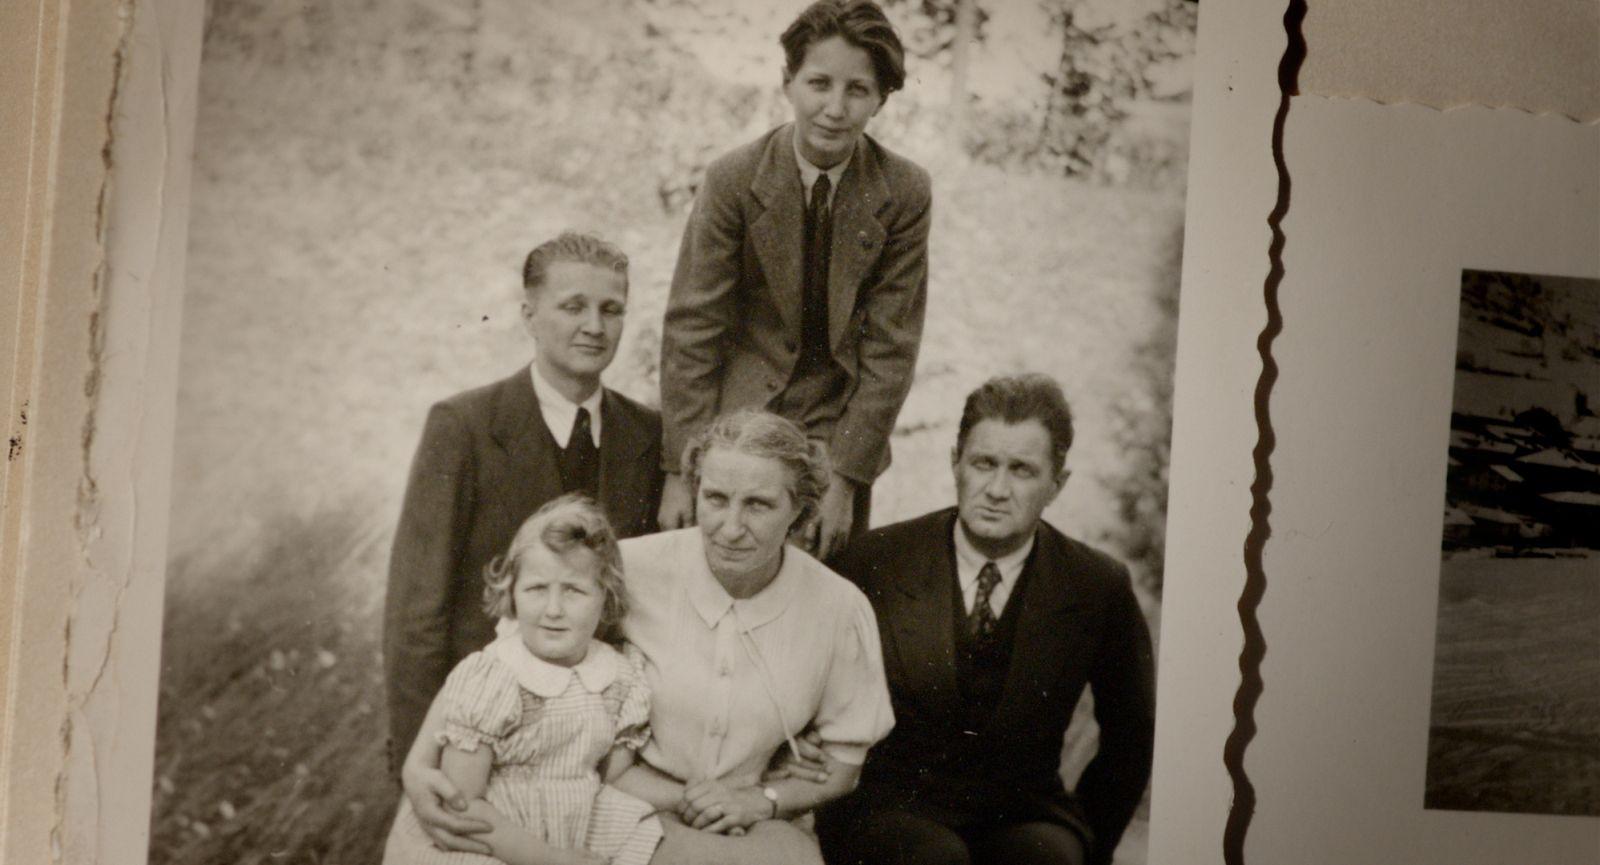 Vedete, sono uno di voi: un'immagine del documentario che ritrae una foto d'epoca della famiglia Martini